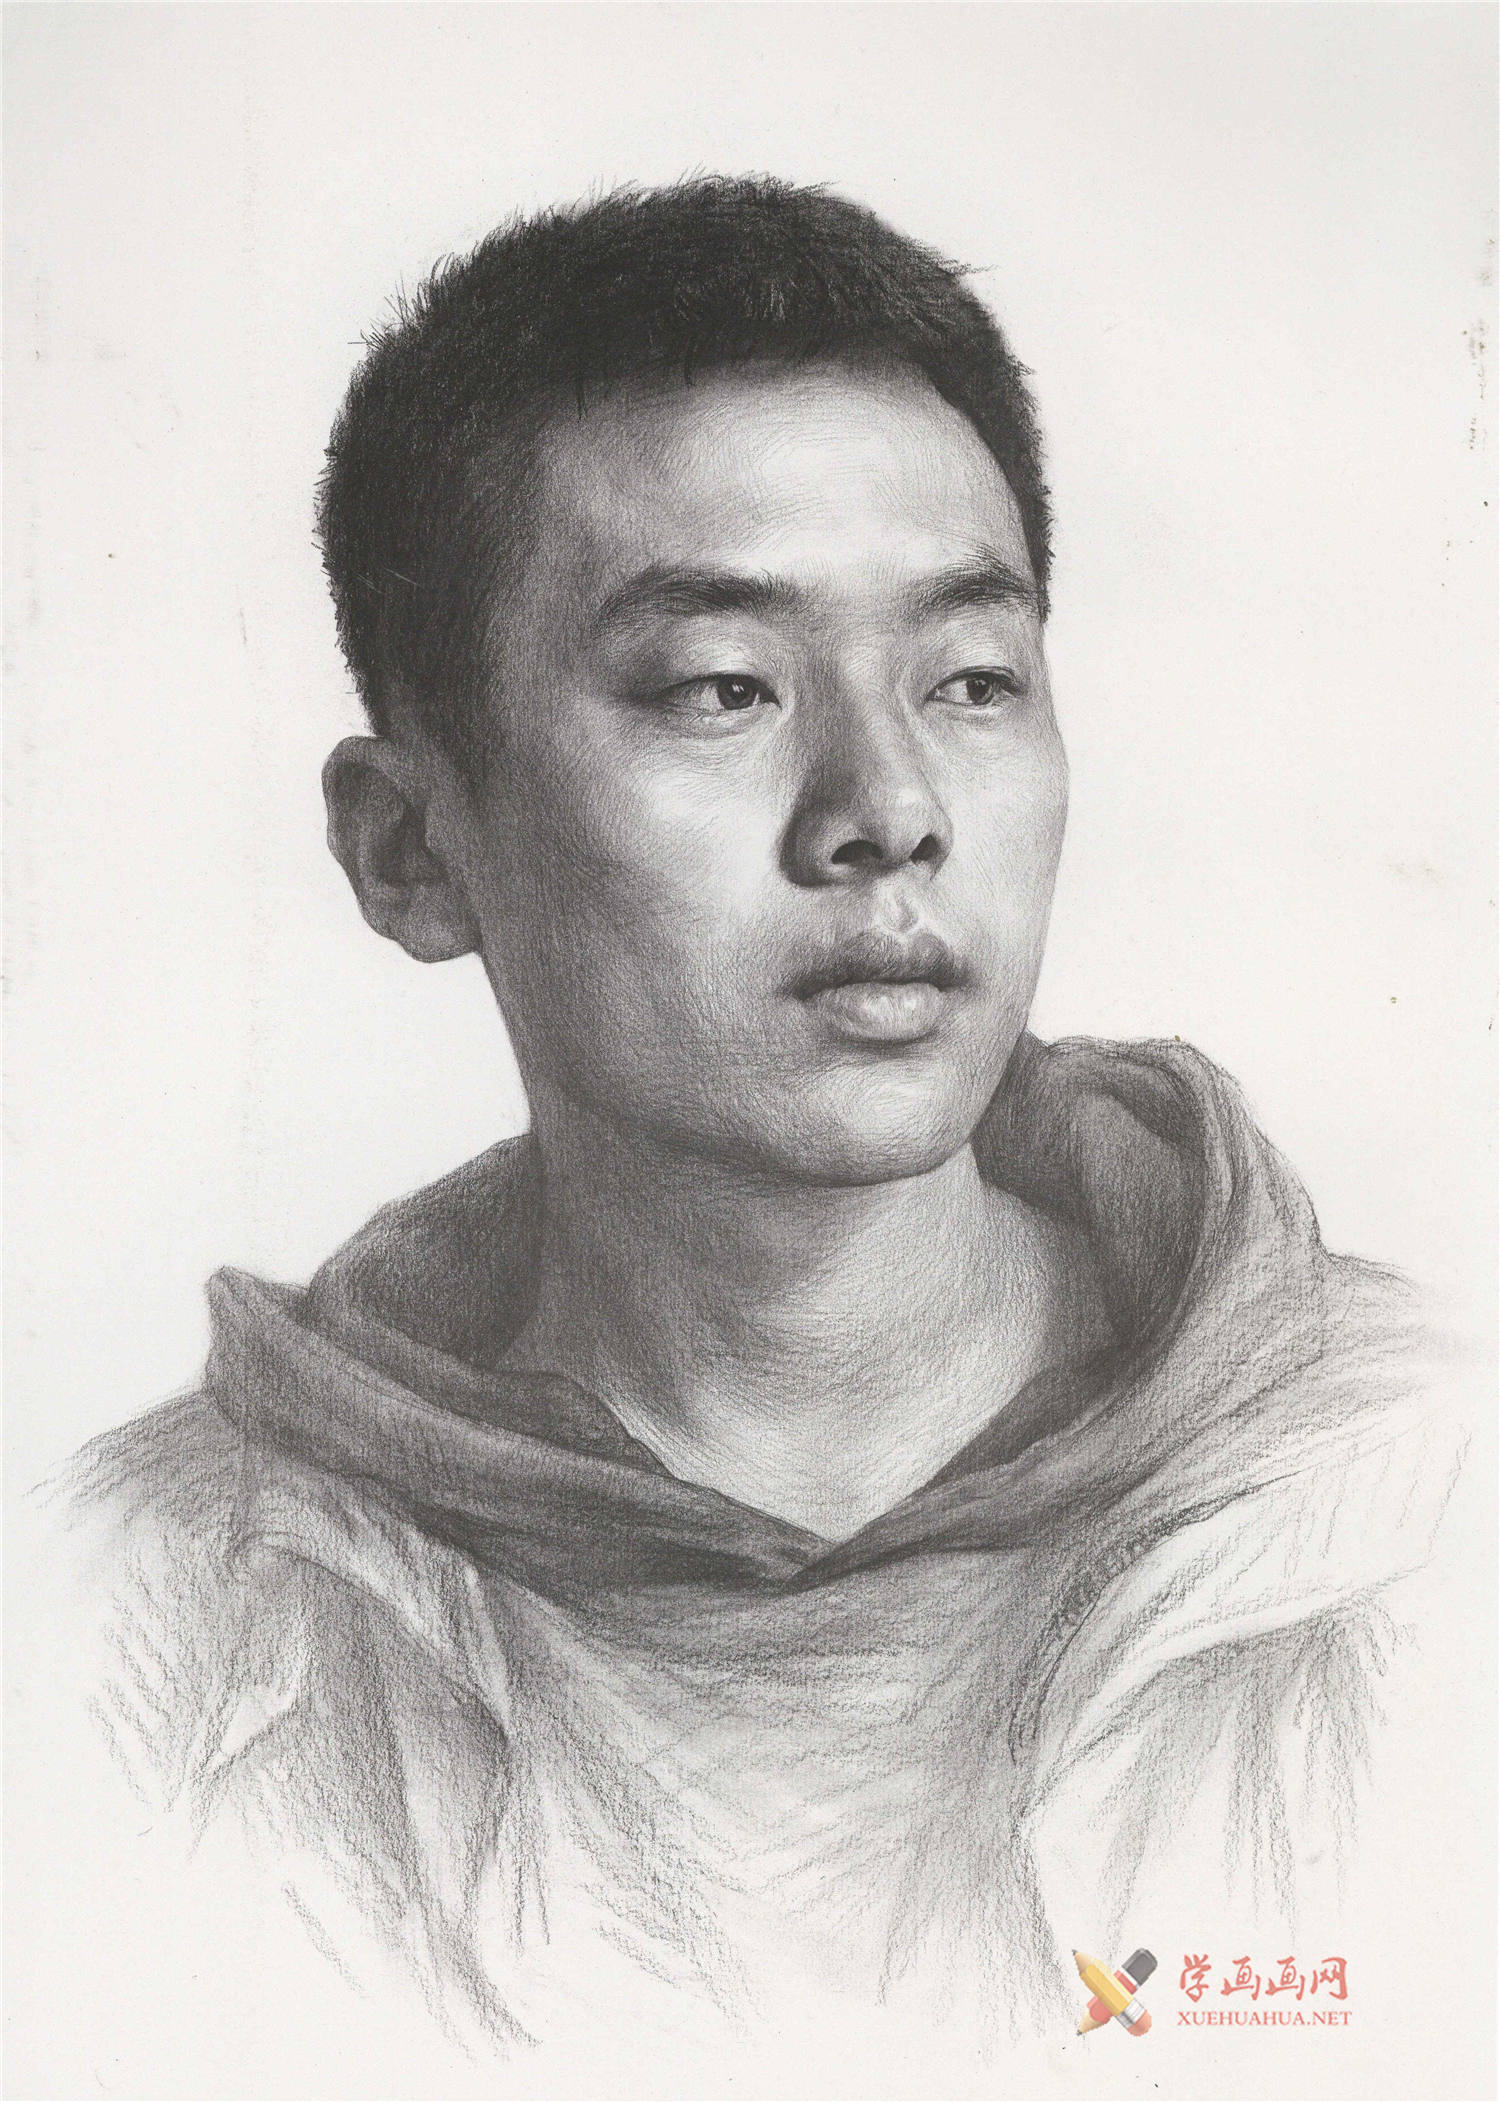 优秀人物素描作品_青年男子素描头像的画法高清图片(1)